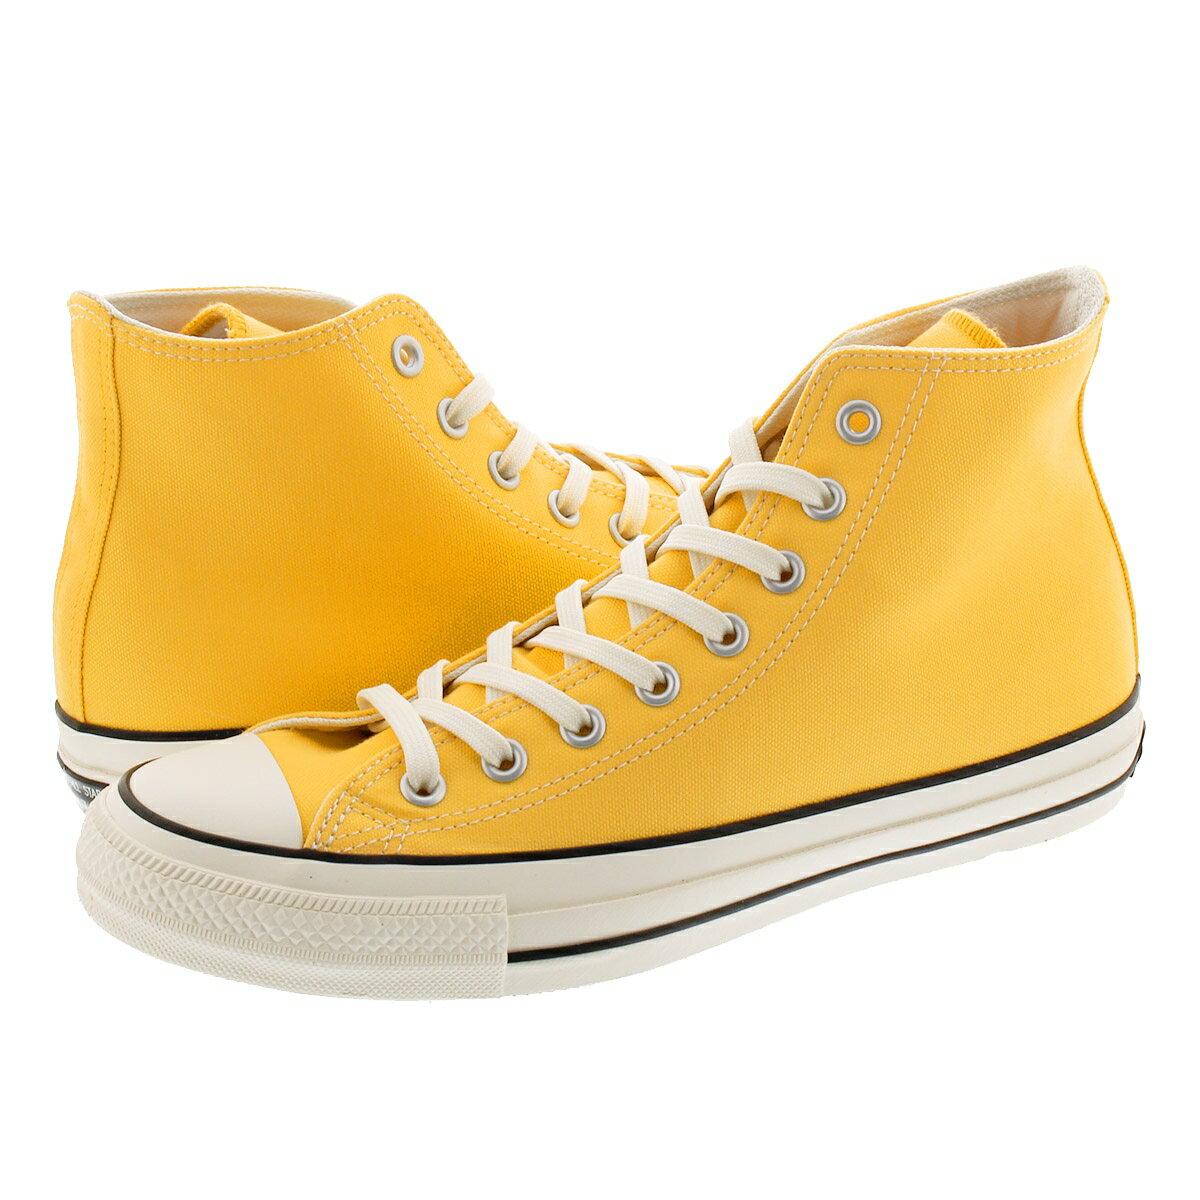 メンズ靴, スニーカー 1210() CONVERSE ALL STAR 100 COLORS HI 100 YELLOW 31301312